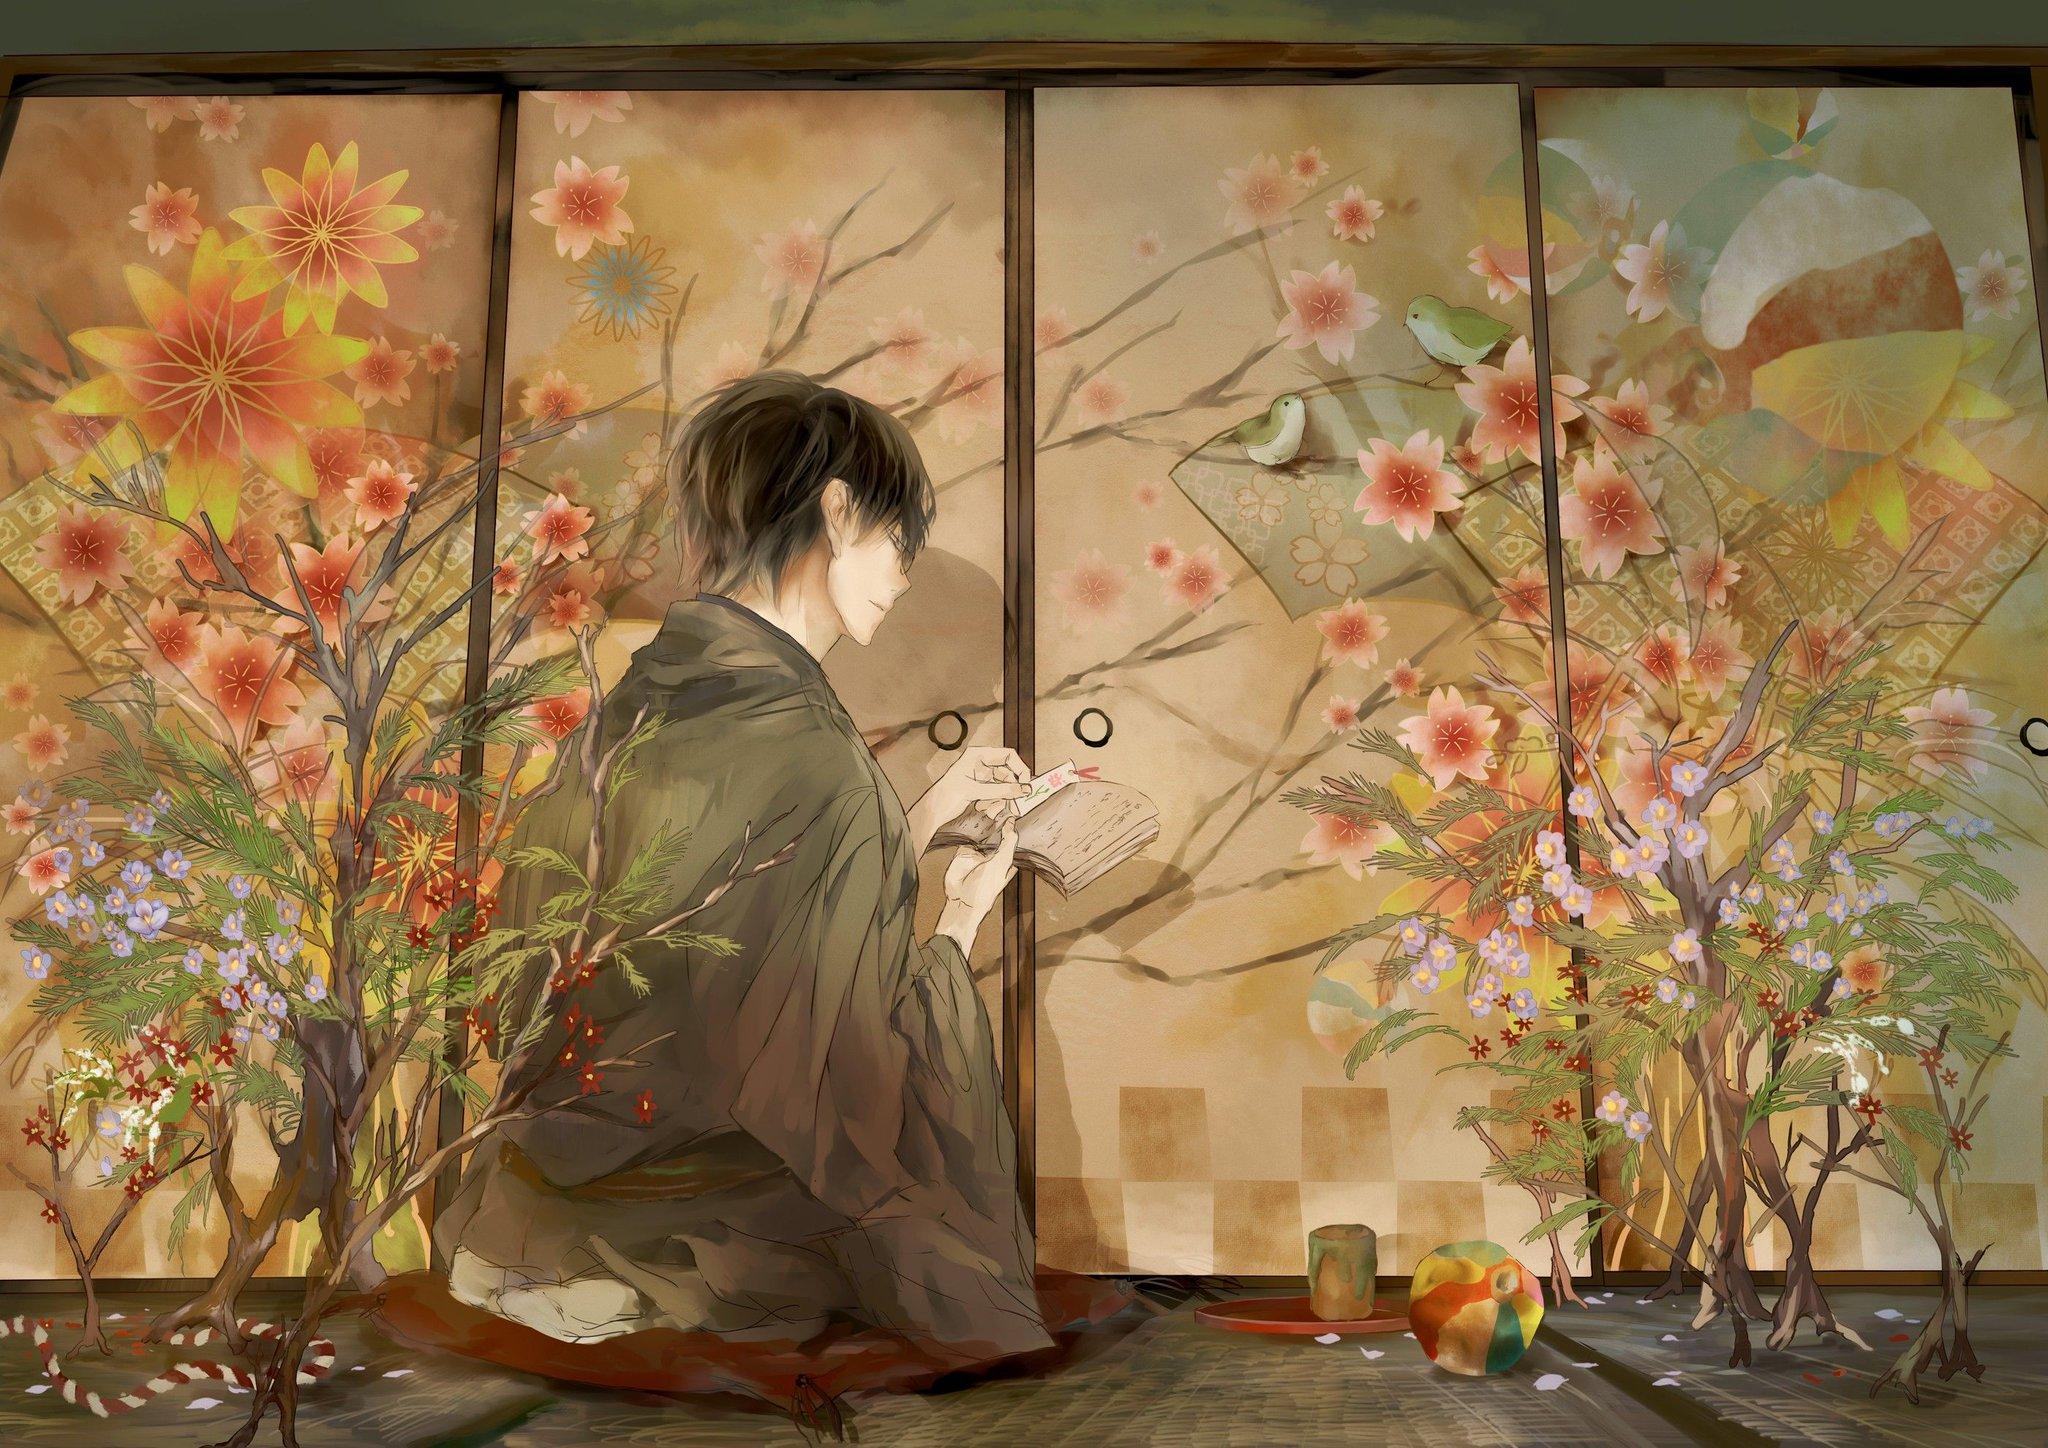 Tanrım bana çiçek dolu bir bahçe ve kitap dolu bir ev ver.  Konfüçyüs https://t.co/F8YTSOPLdf